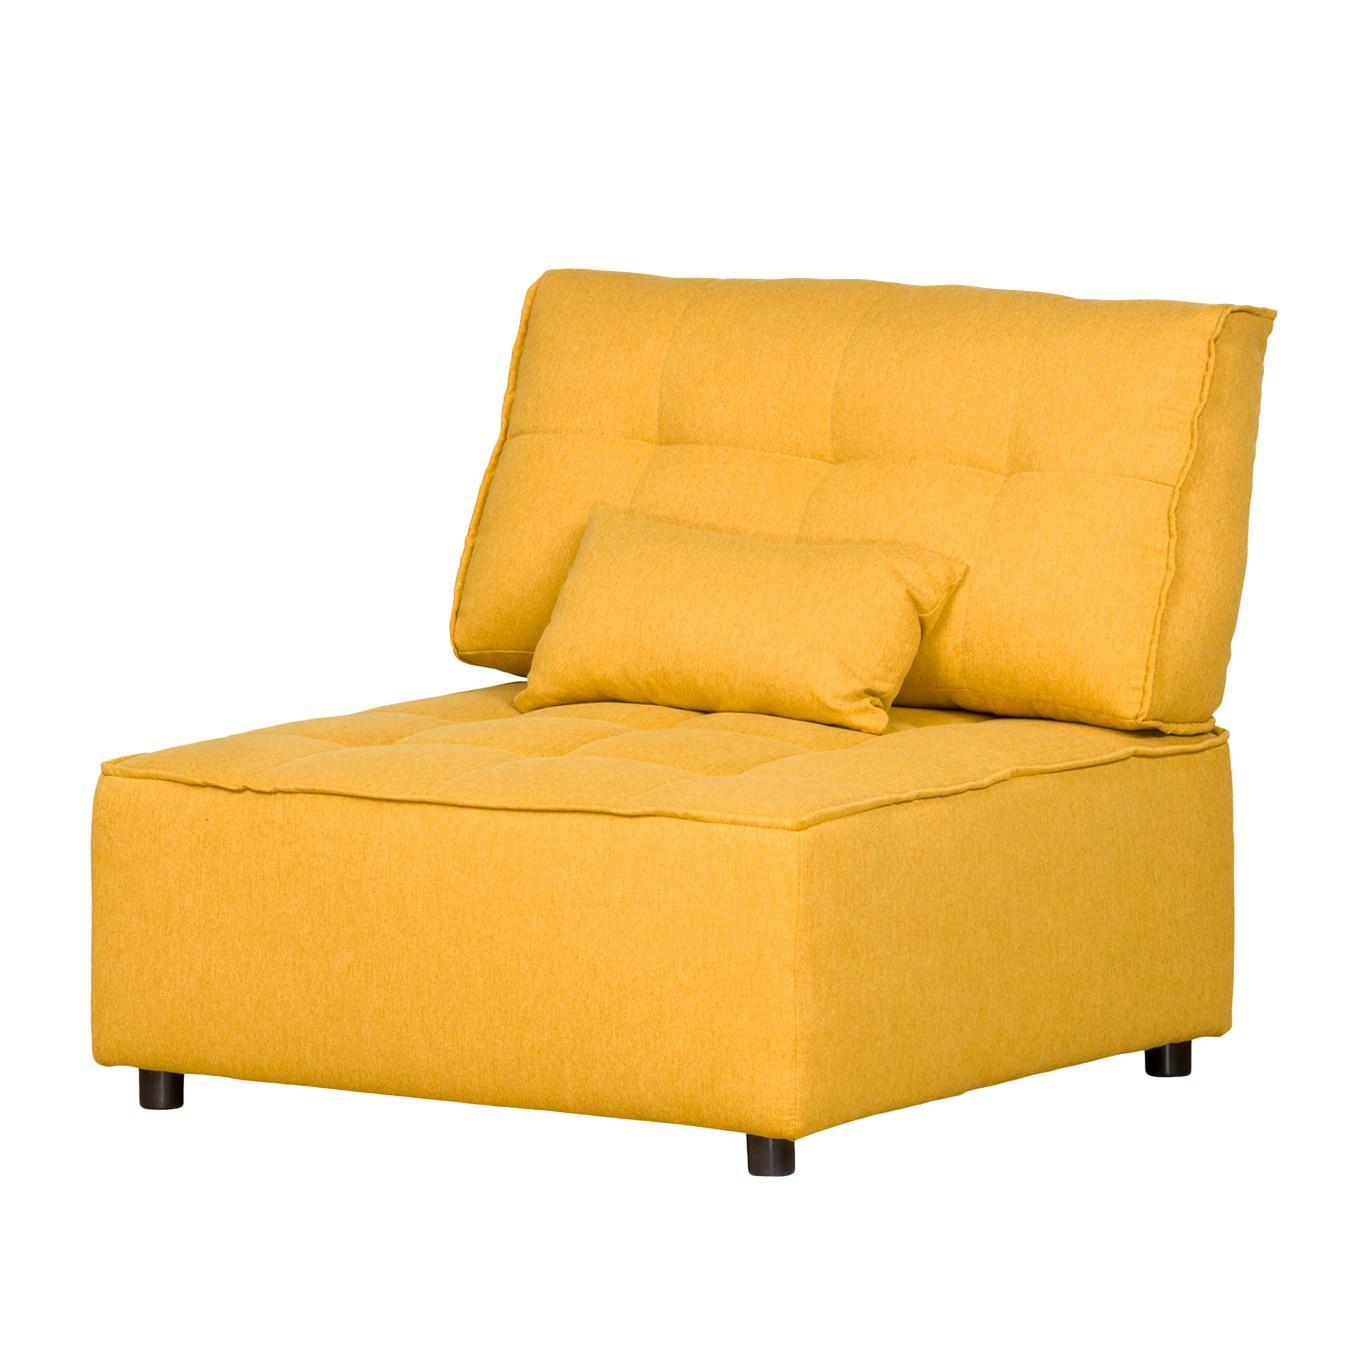 M bel online g nstig kaufen ber shop24 for Sessel senfgelb